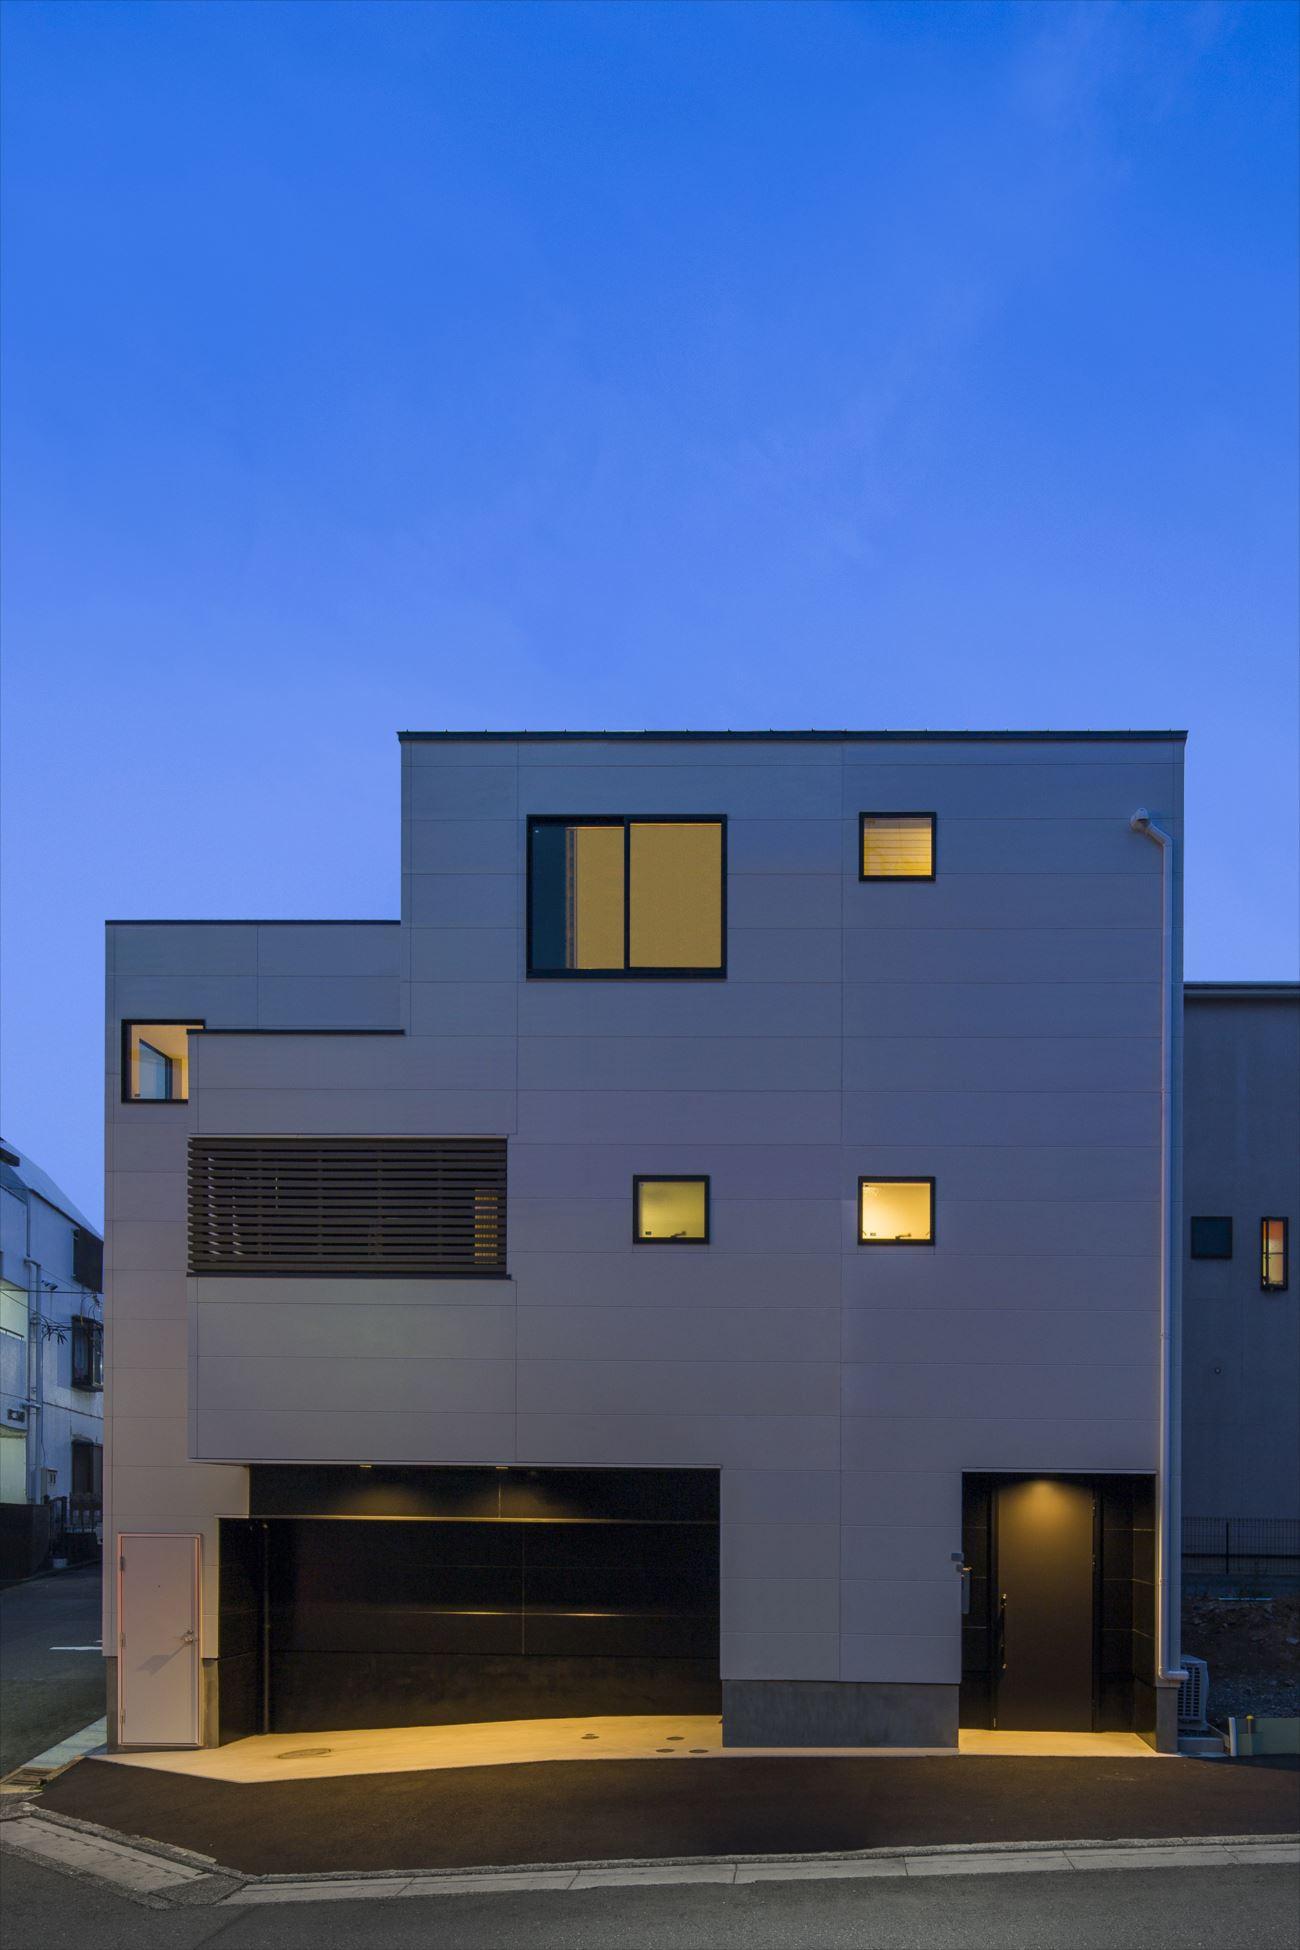 東京,狭小住宅,三階建て住宅,ガレージハウス